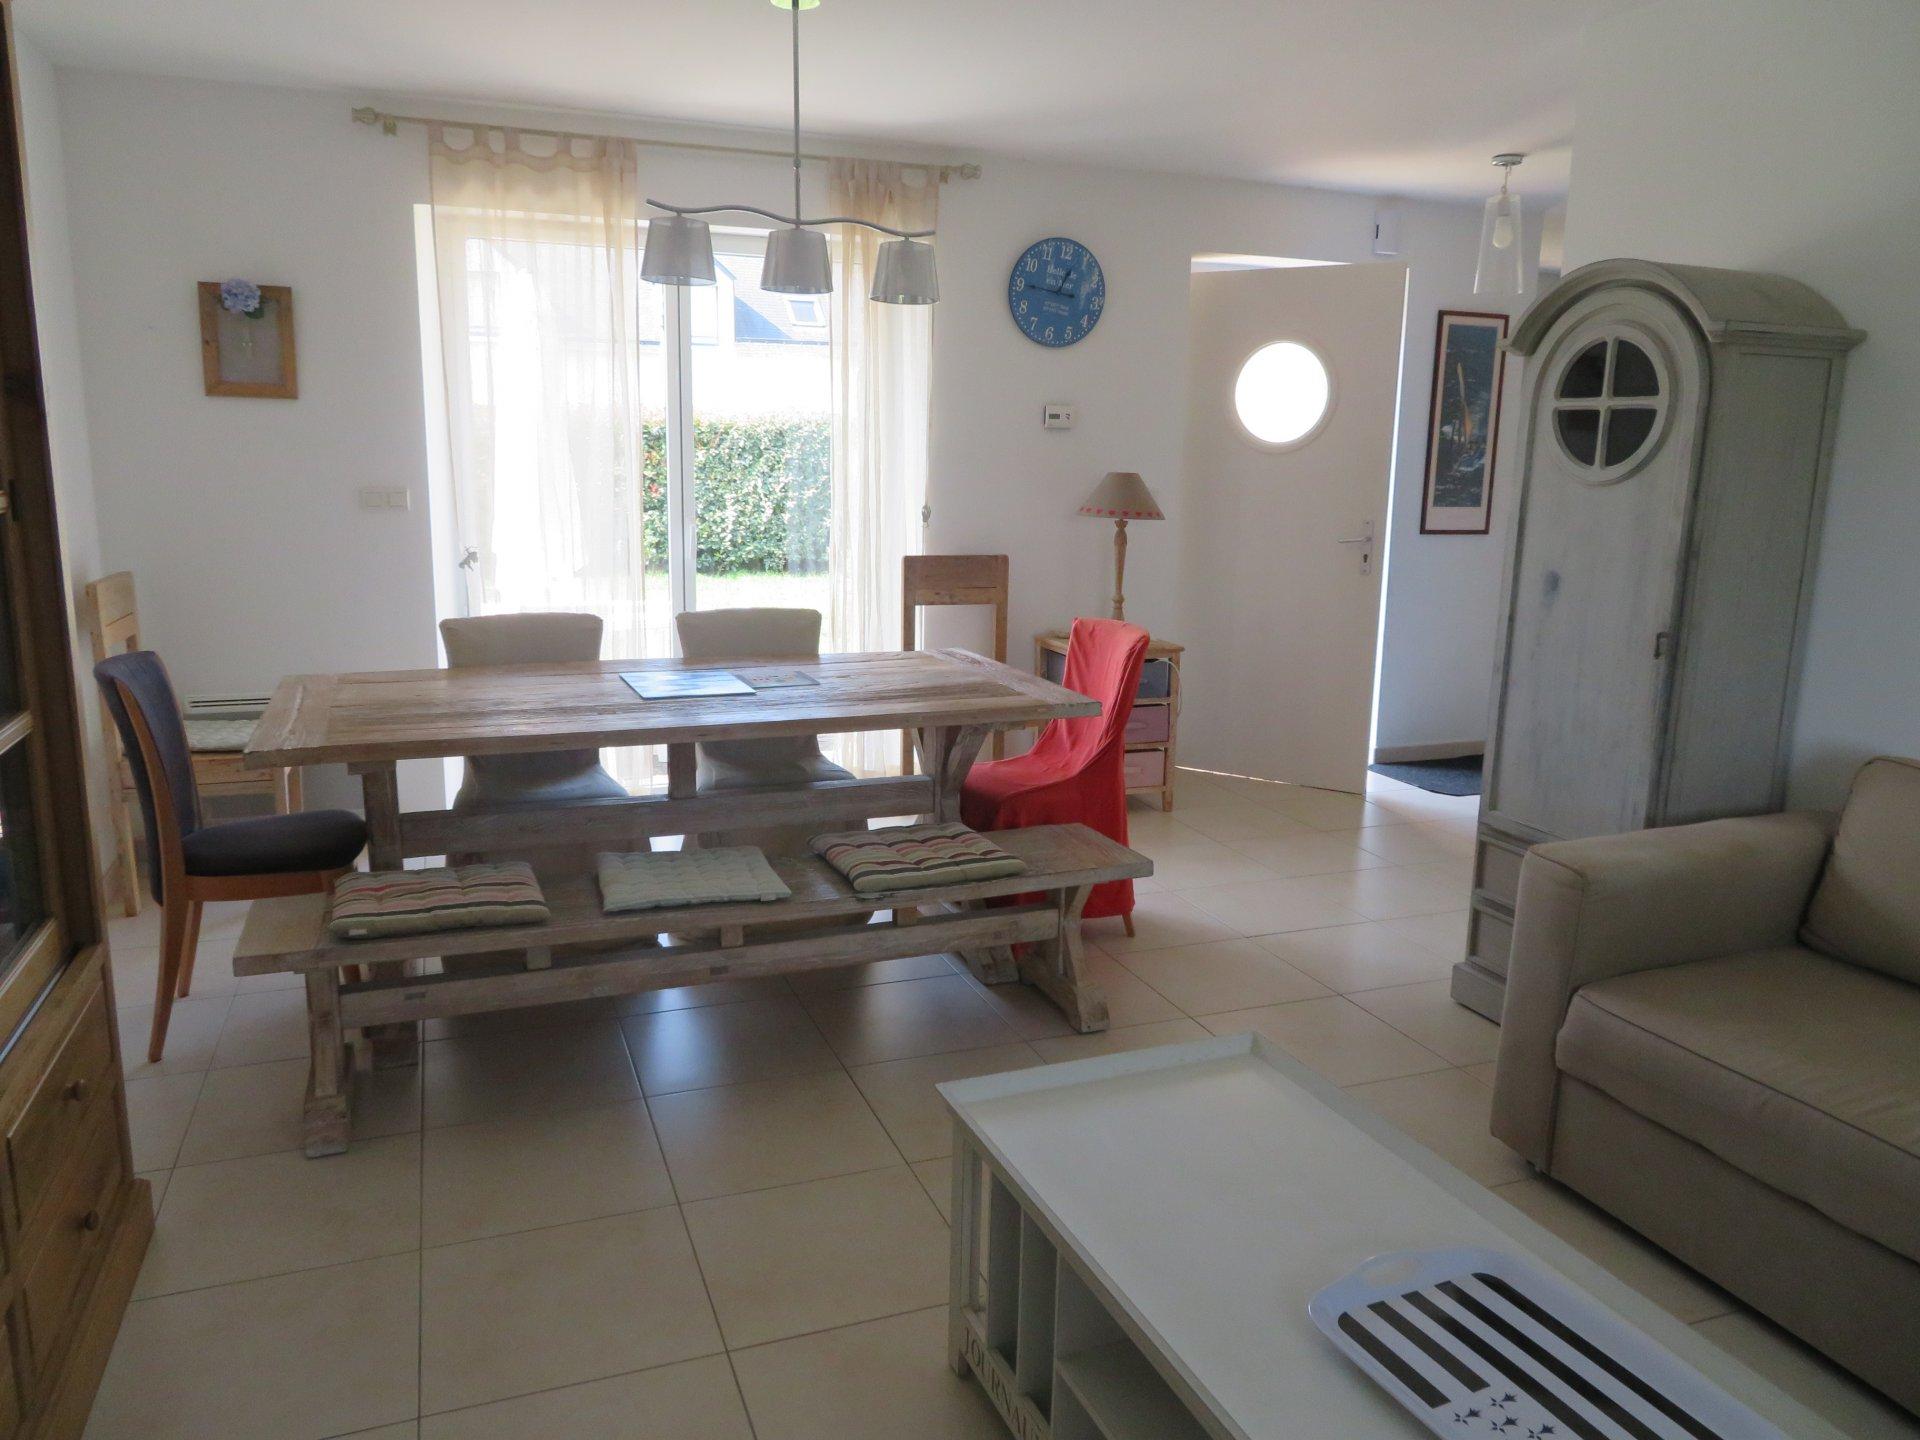 Maison à louer à Damgan Pénerf - Location de vacances pour 6 personnes